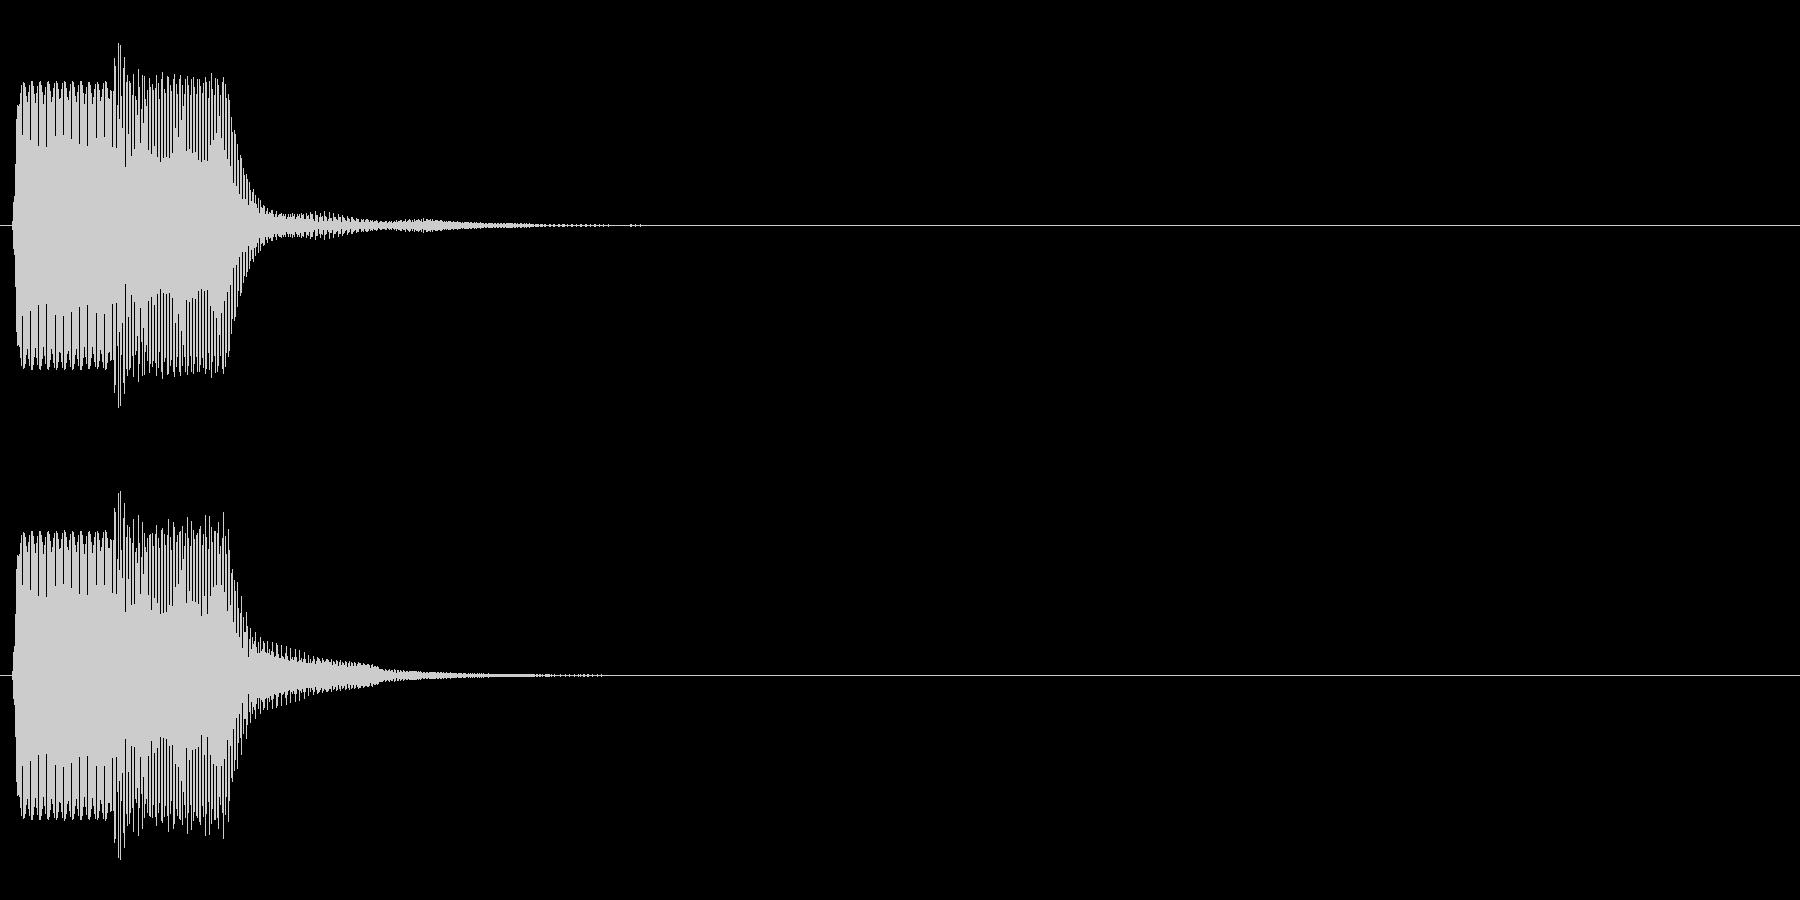 ピコン_鋸波(終了,停止,通知)_02の未再生の波形